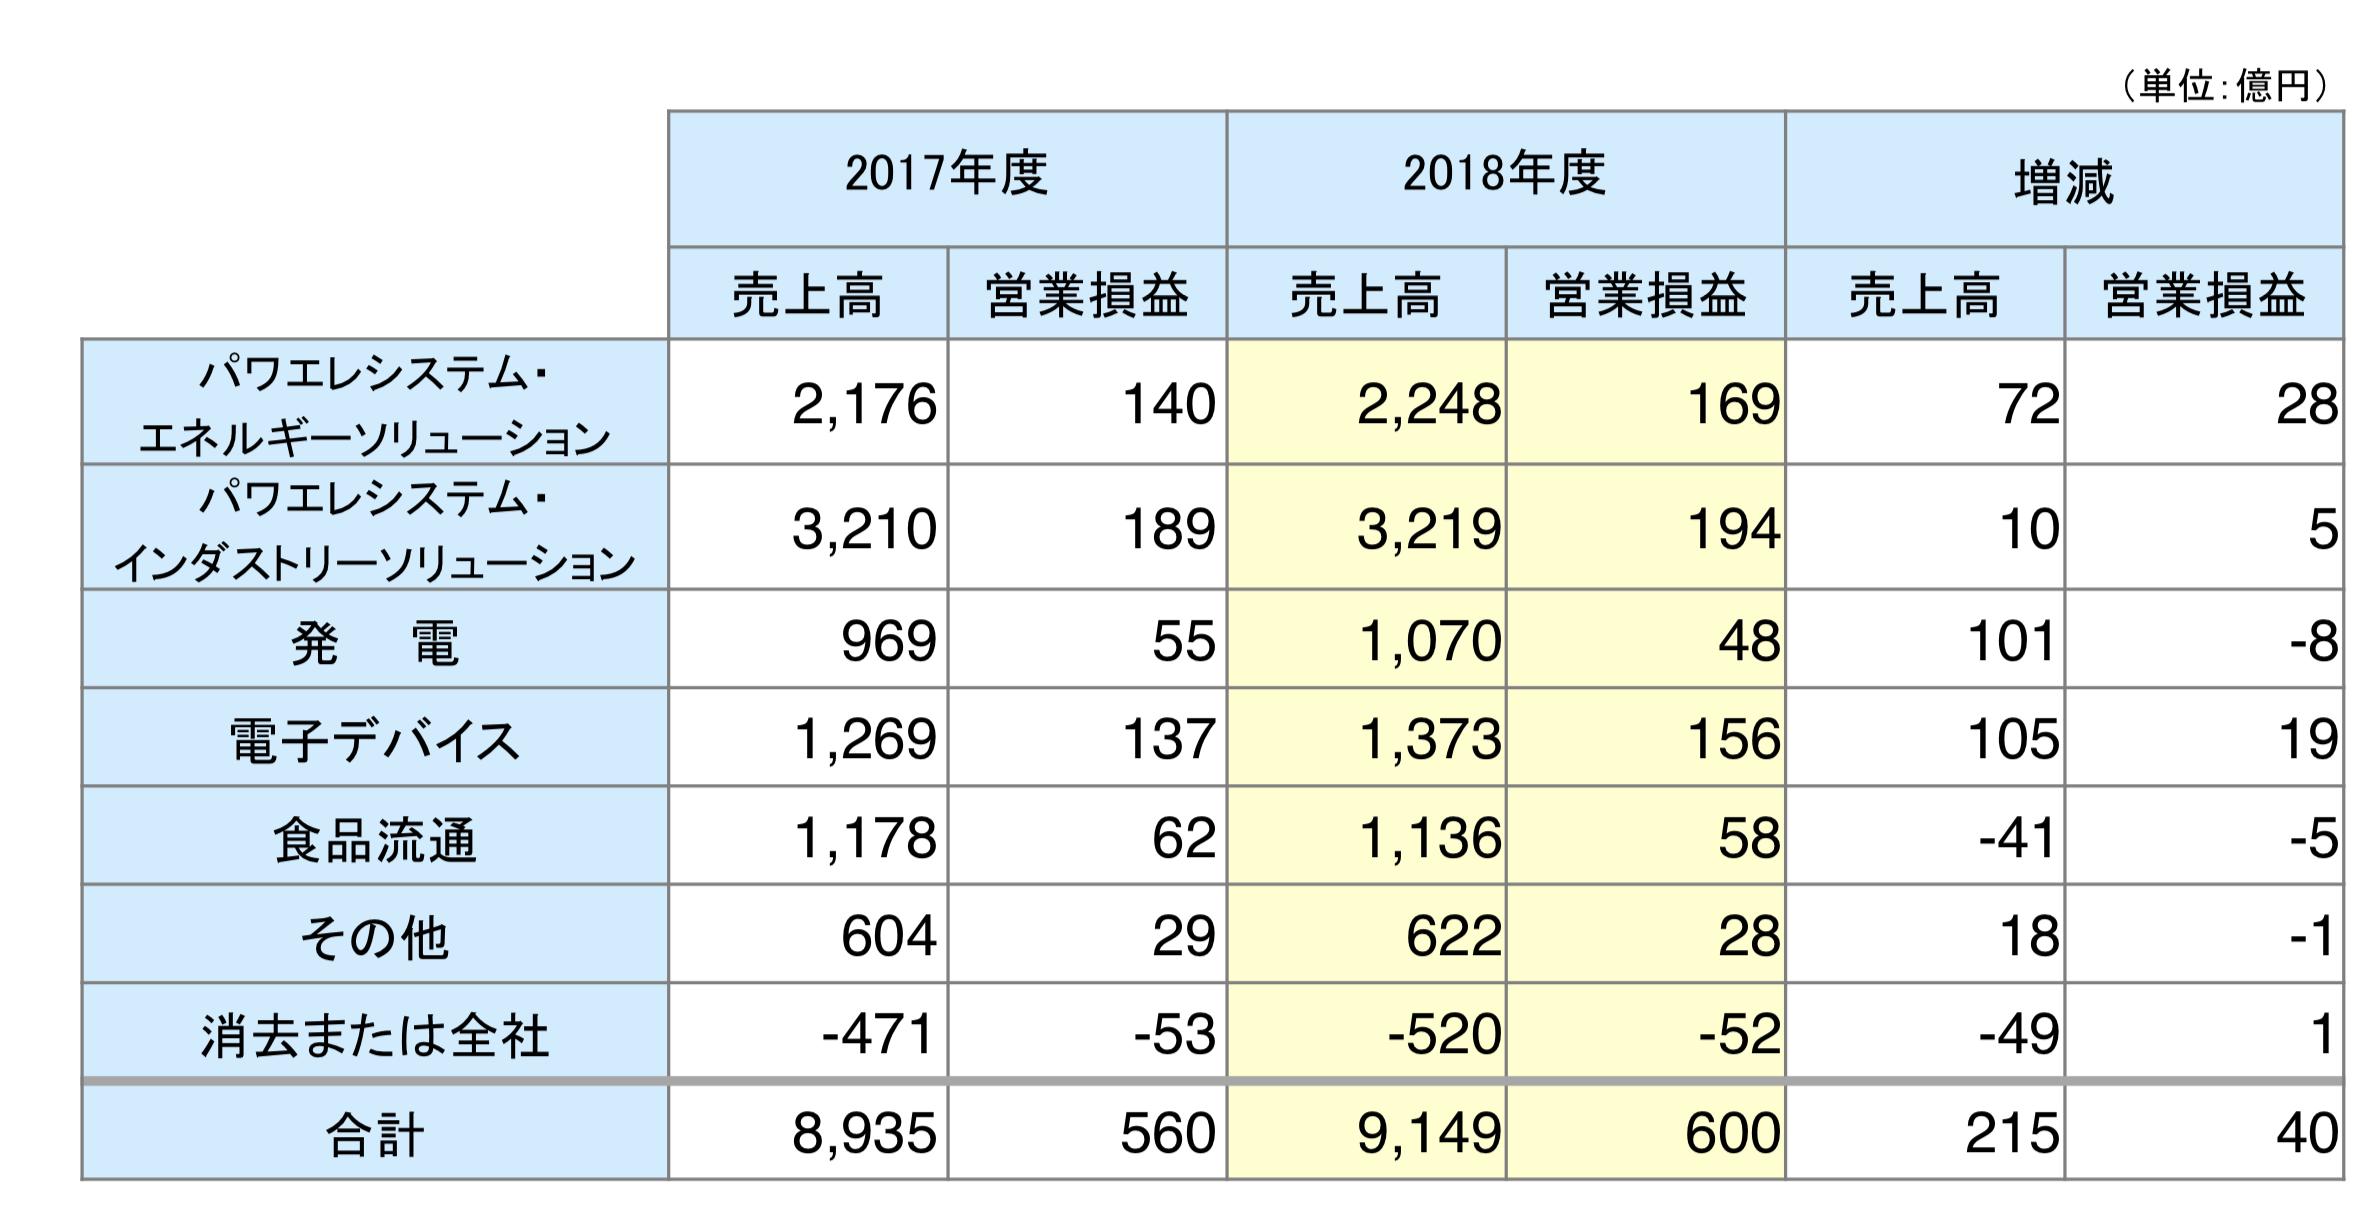 富士電機のセグメント別業績推移